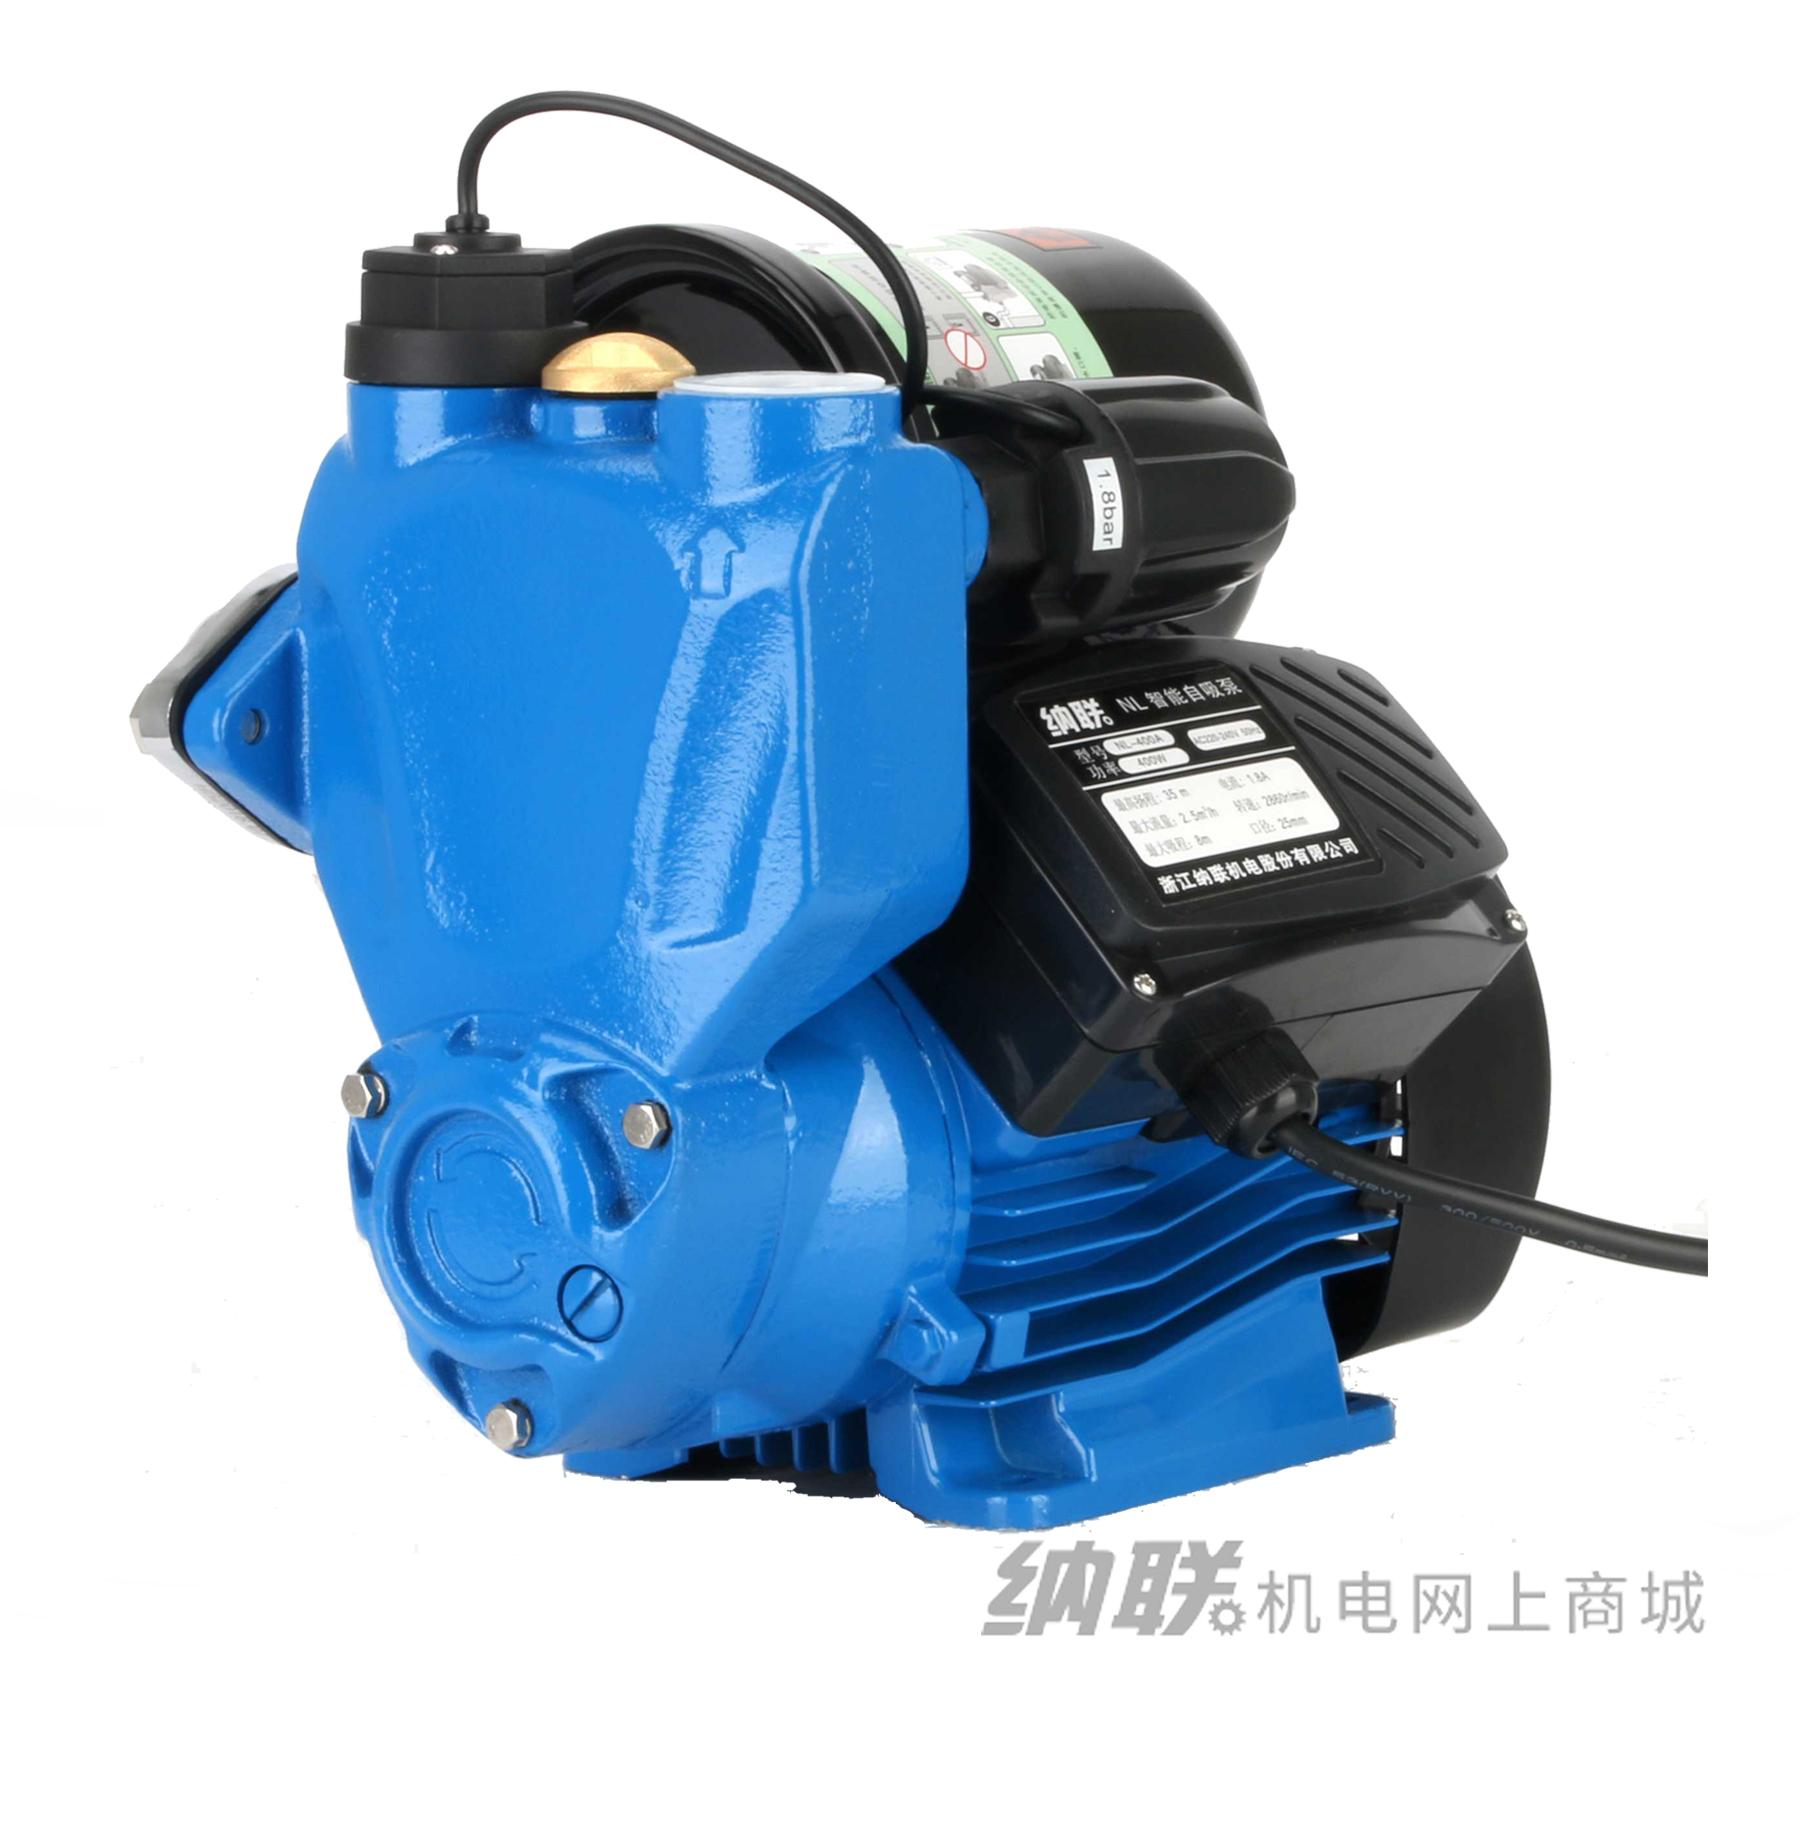 纳联机电 智能全自动自吸泵-NL60-400A